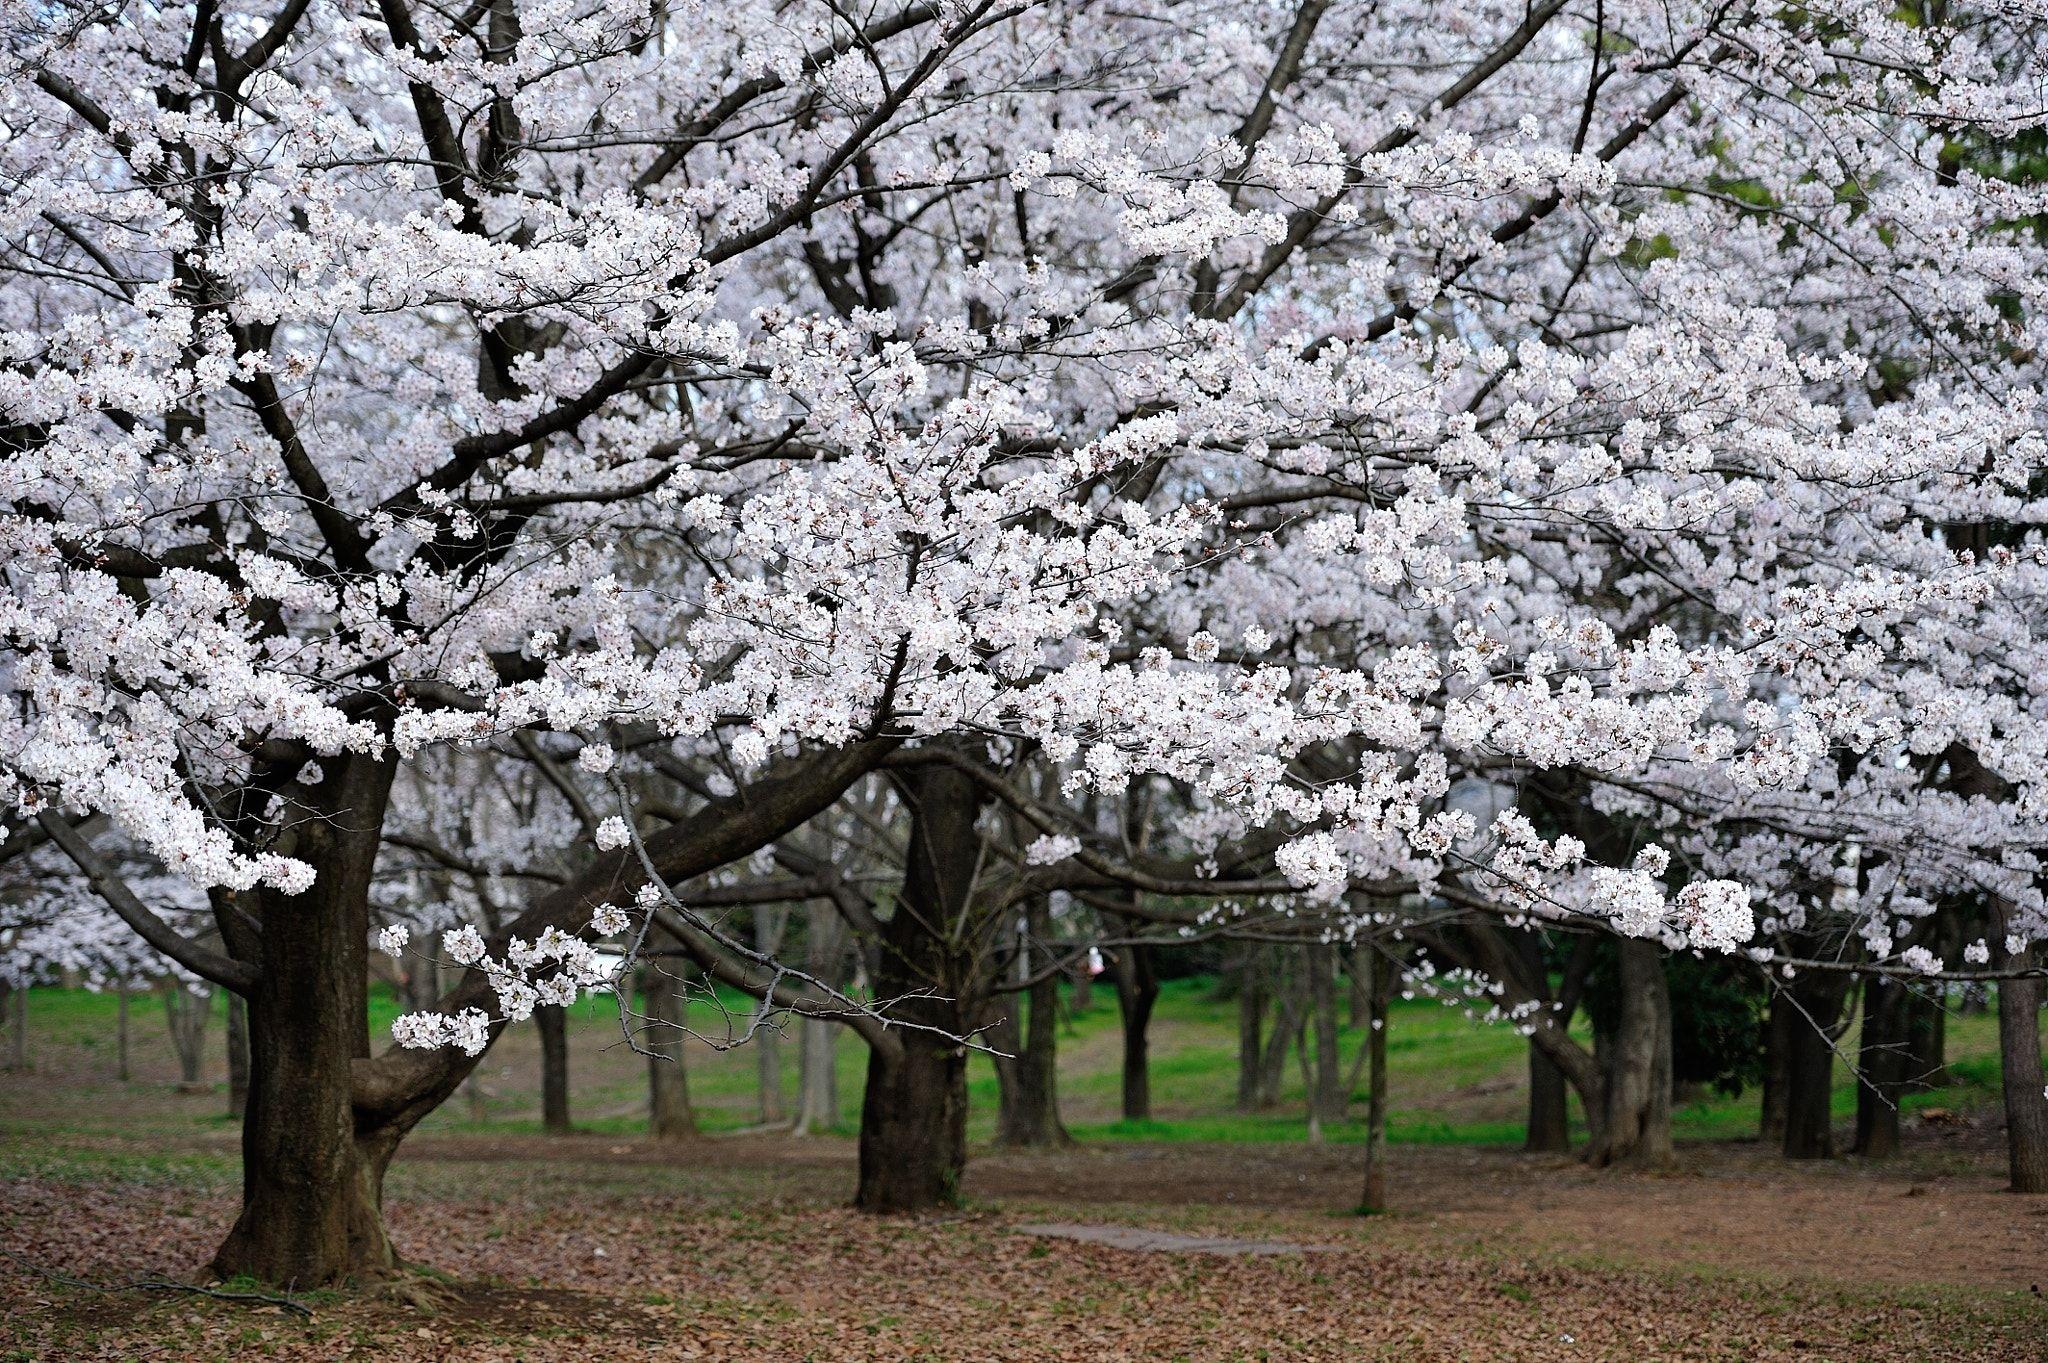 Sakura Full Bloom Cherry Blossoms In Full Bloom Spring Desktop Wallpaper Spring Wallpaper Phone Wallpaper